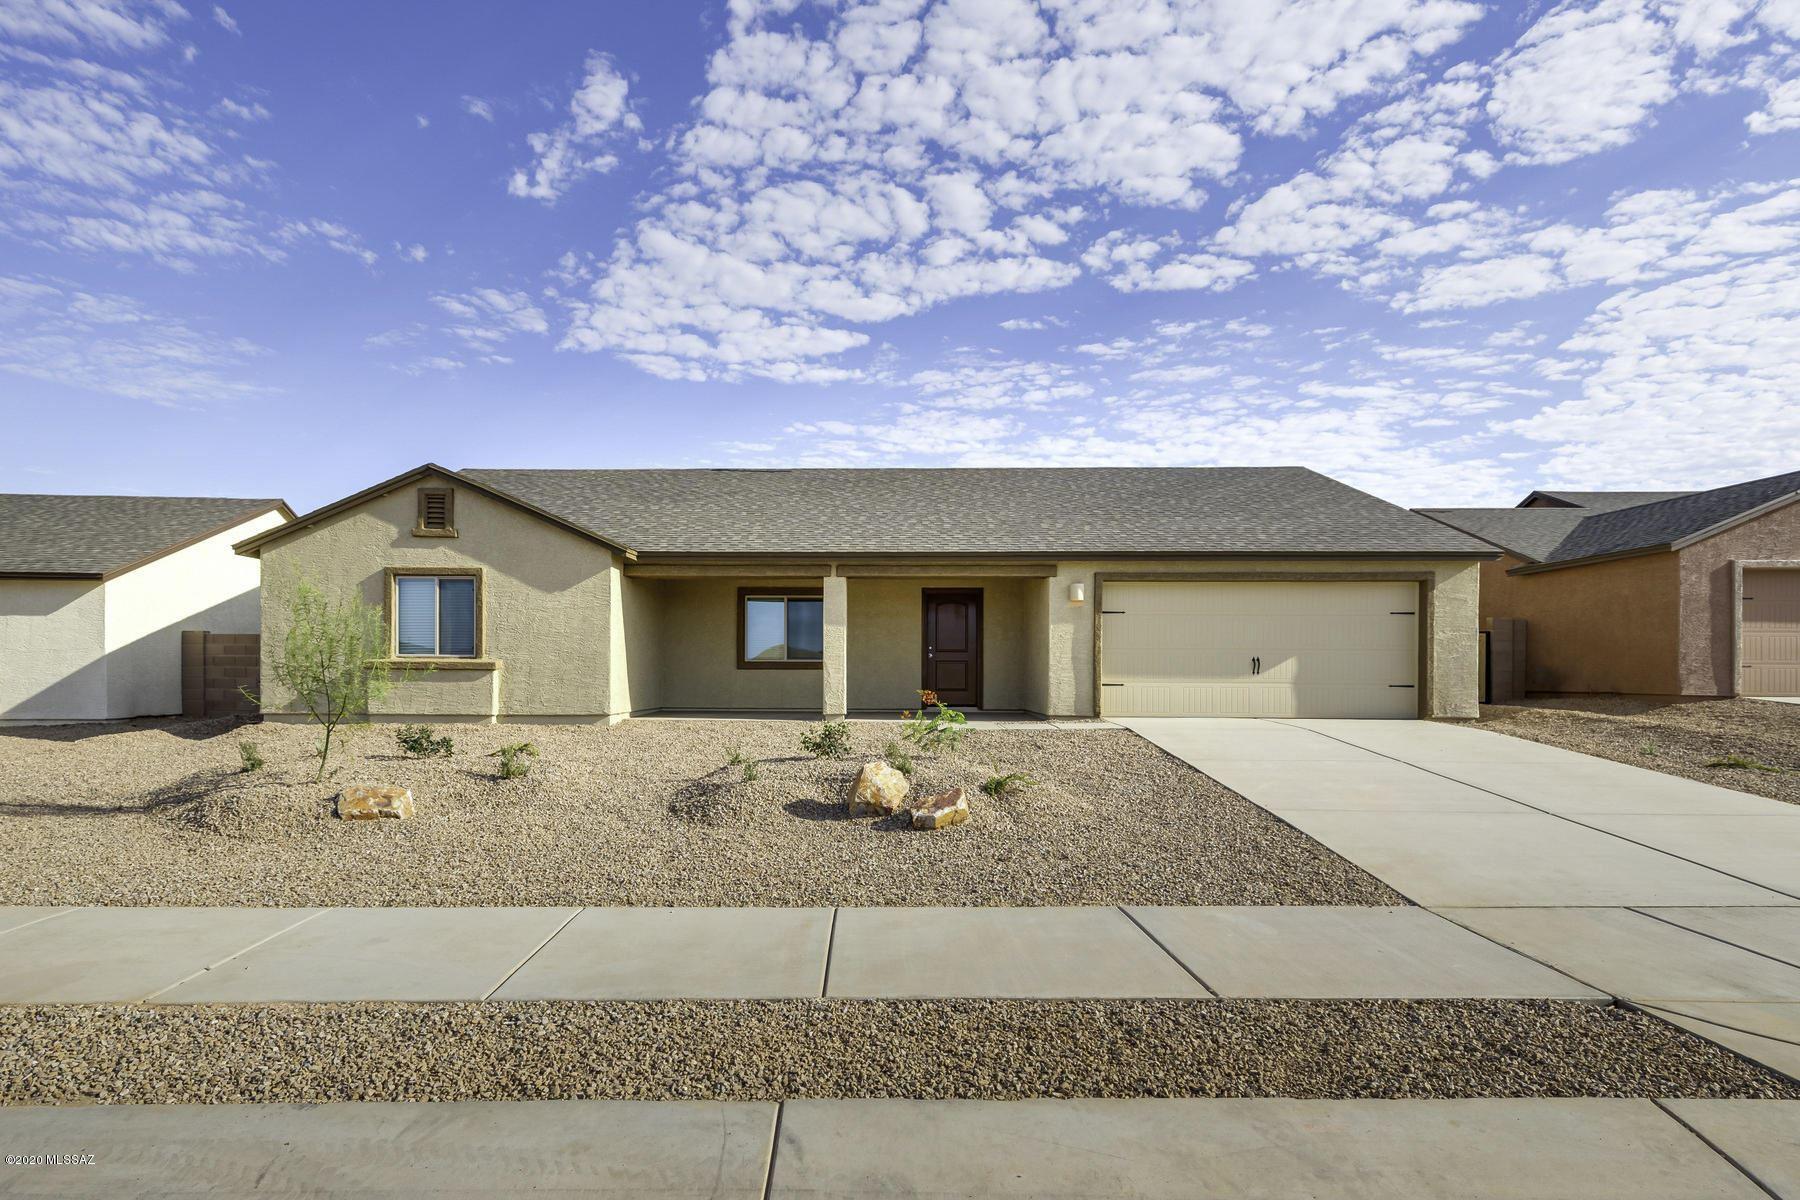 7032 S Draper Road, Tucson, AZ 85757 - MLS#: 22103072